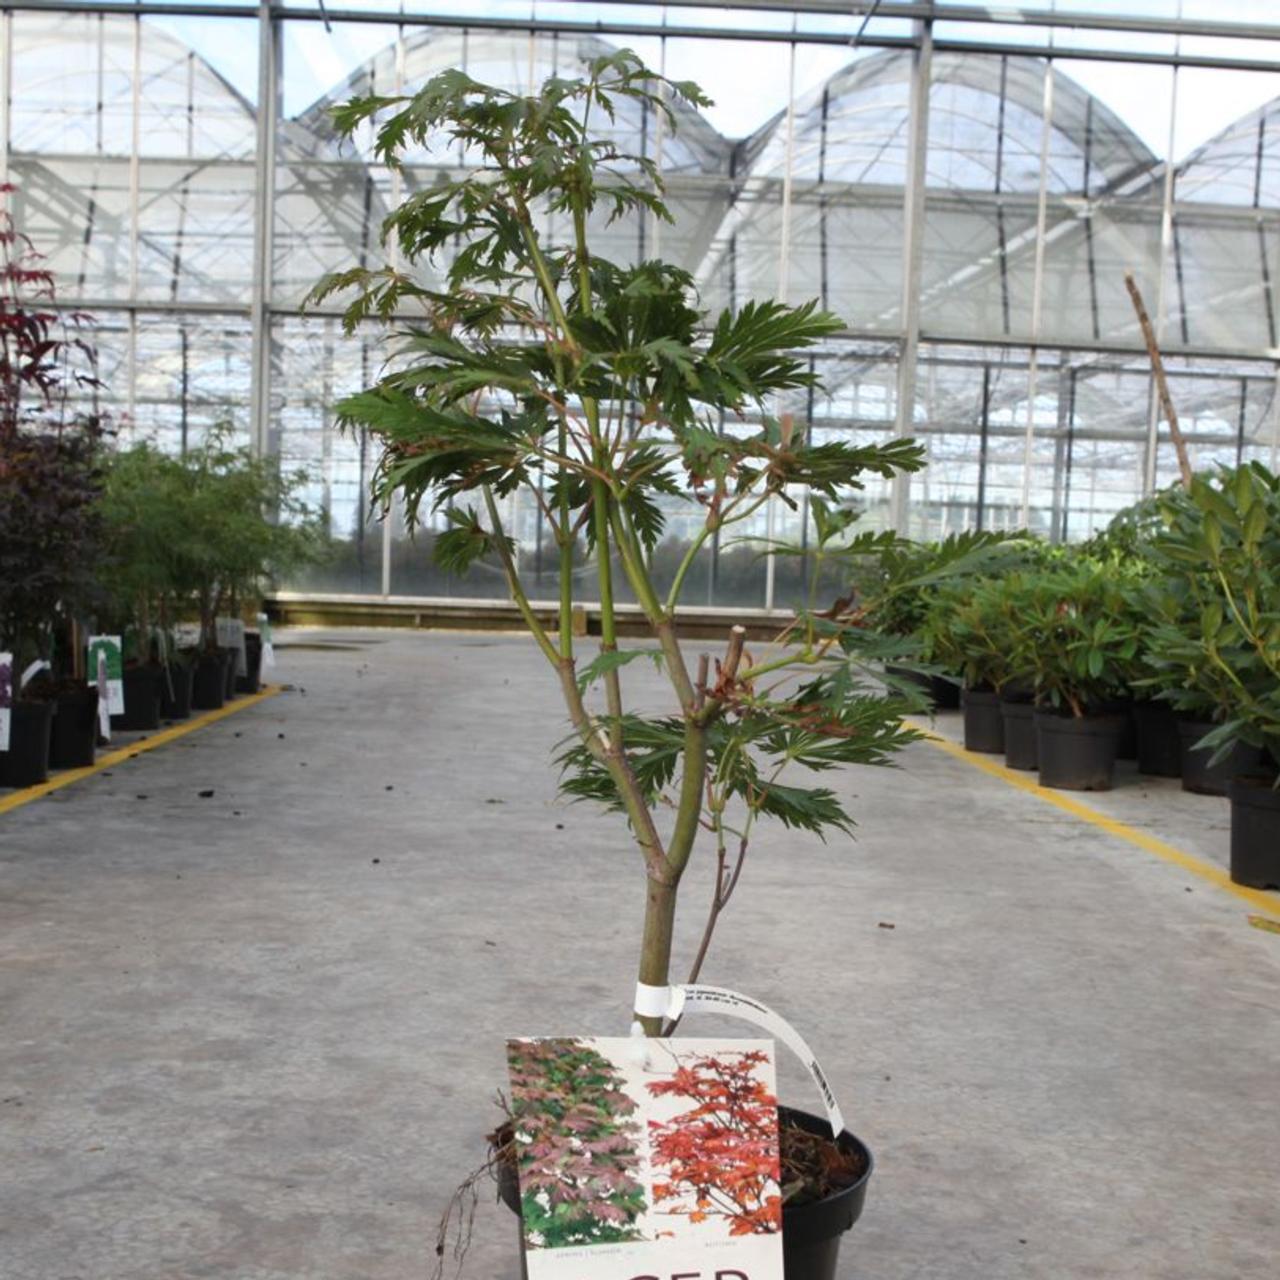 Acer japonicum 'Aconitifolium' plant